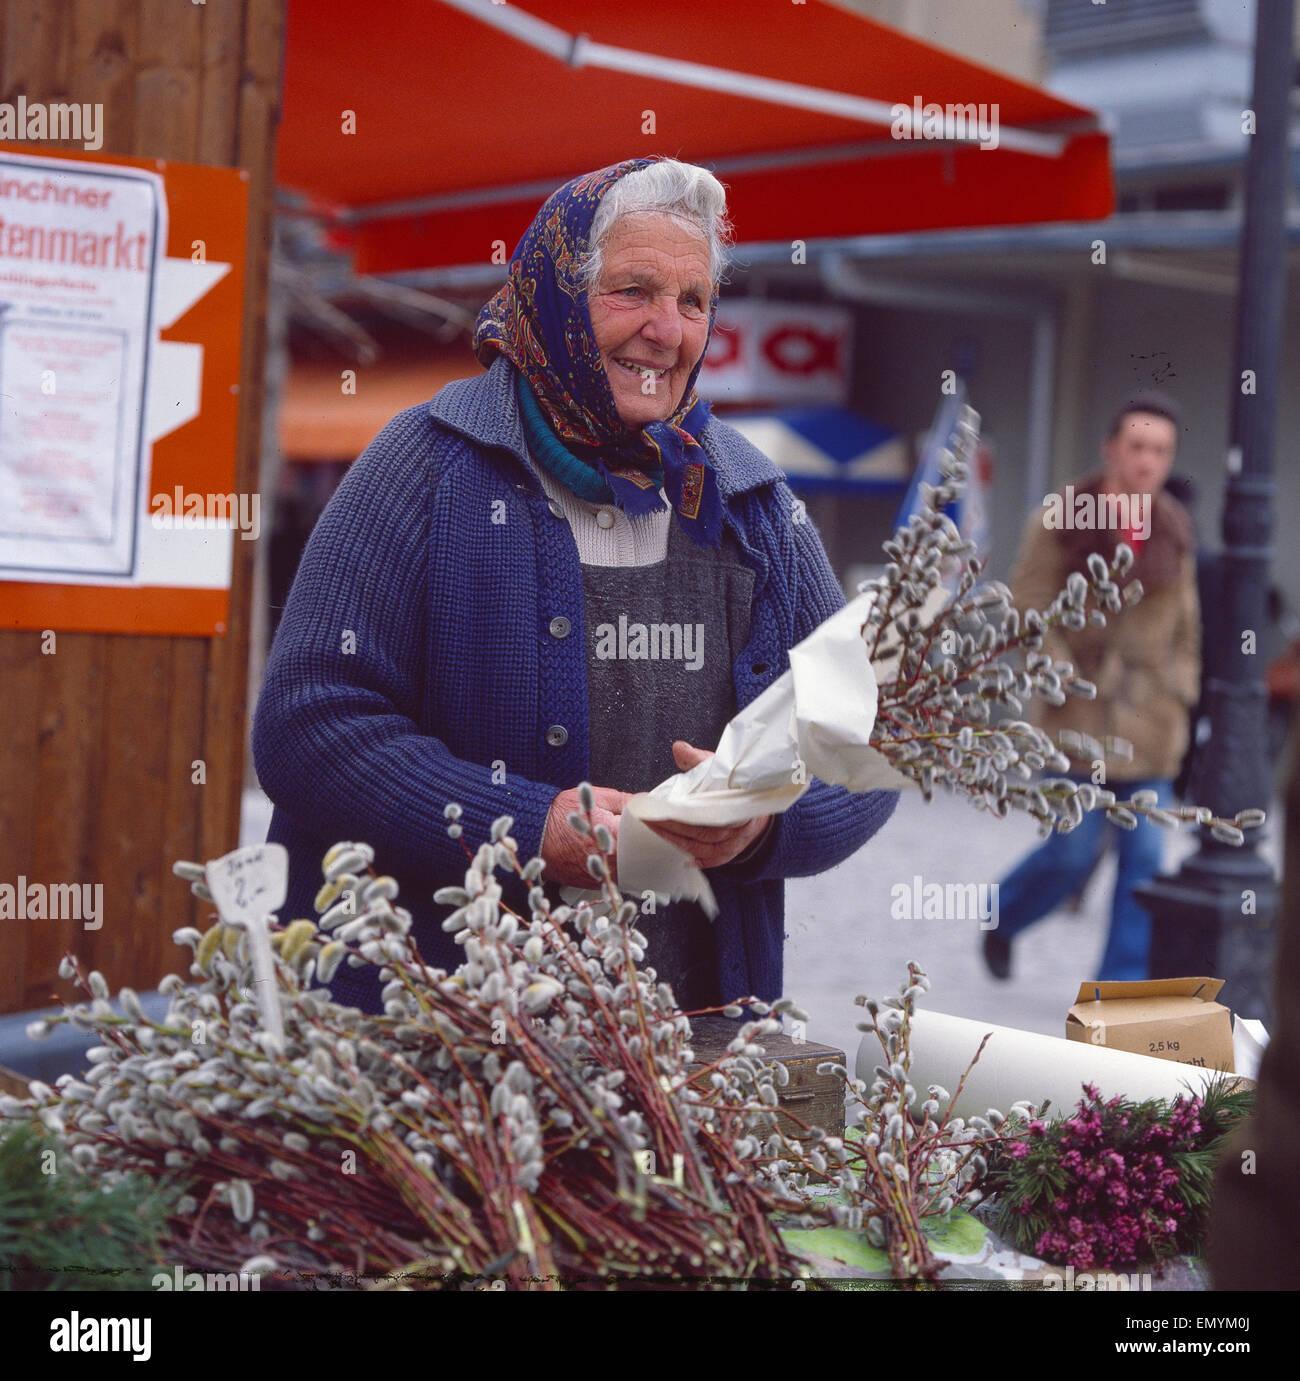 Deutschland, München, München, Frau verkauft Weidenkätzchen auf dem Markt Stock Photo